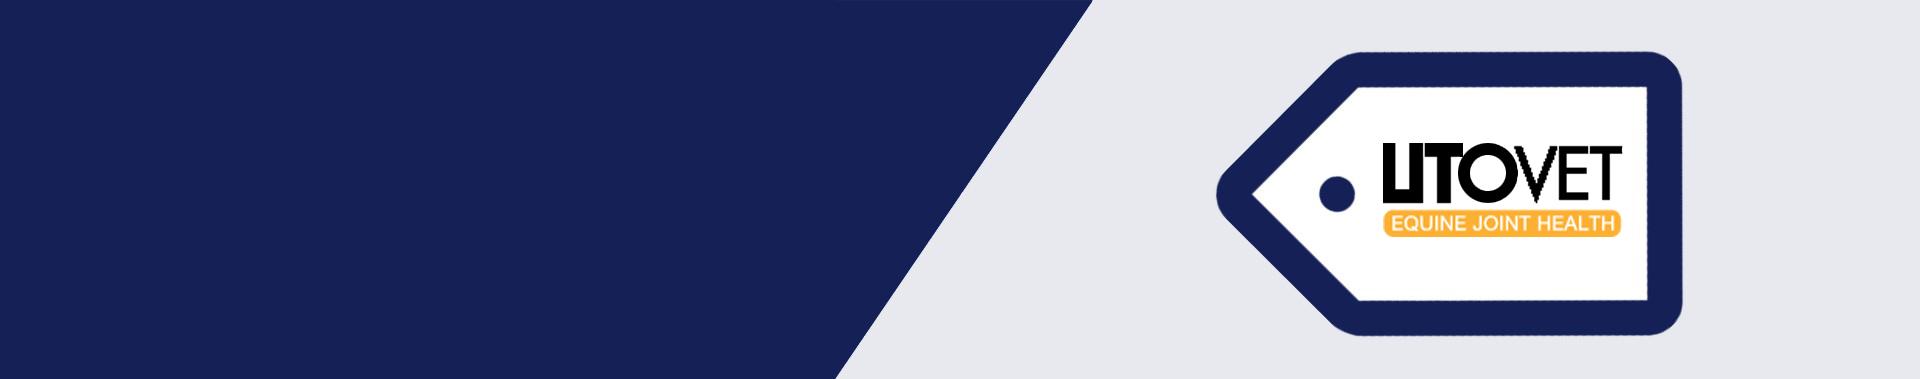 LitoVet